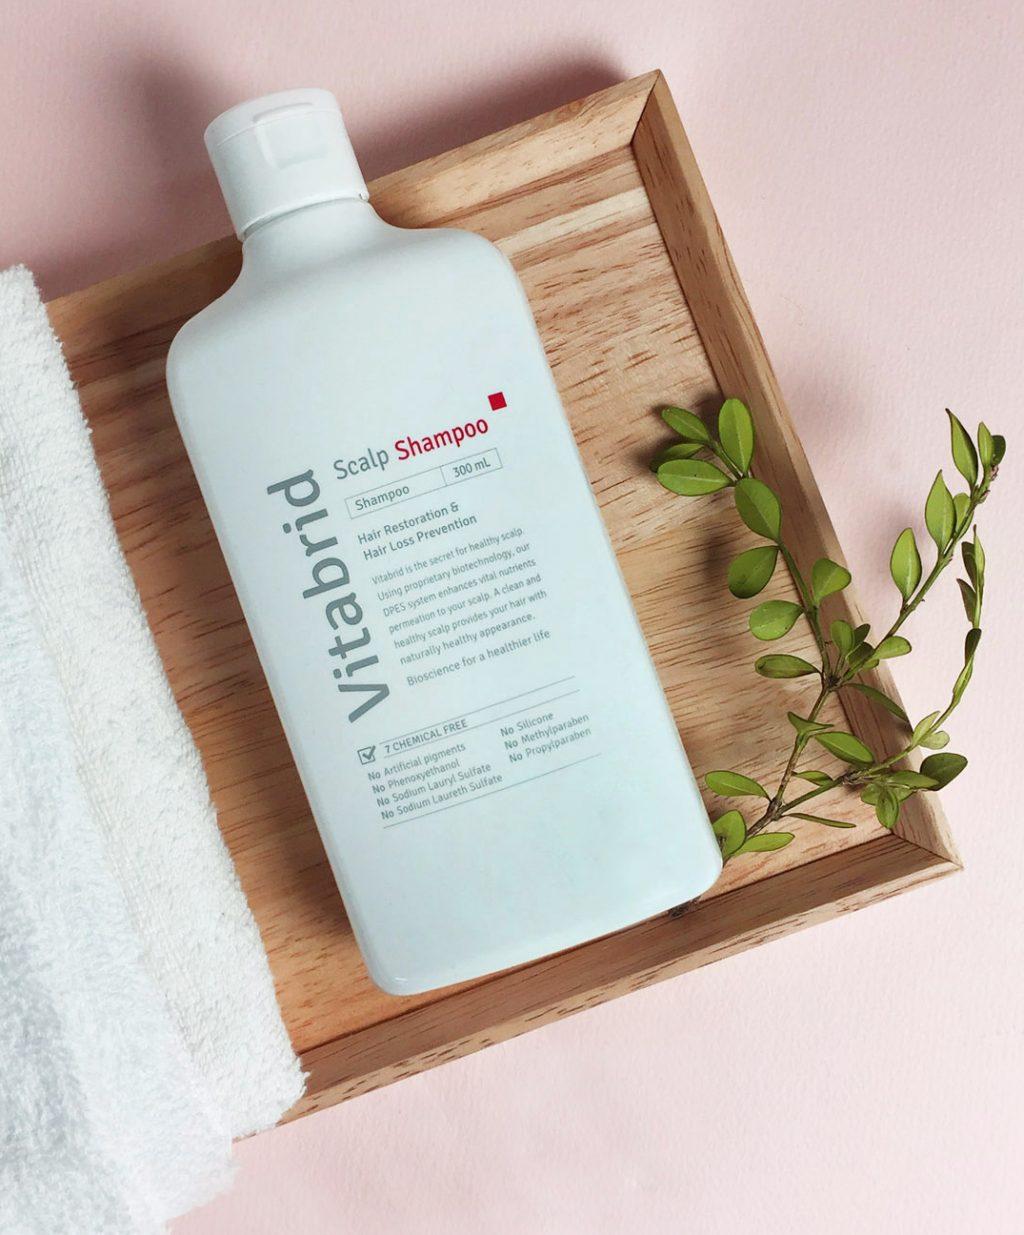 Dòng sản phẩm Vitamin C dành riêng cho mái tóc: Vitabrid Scalp Shampoo